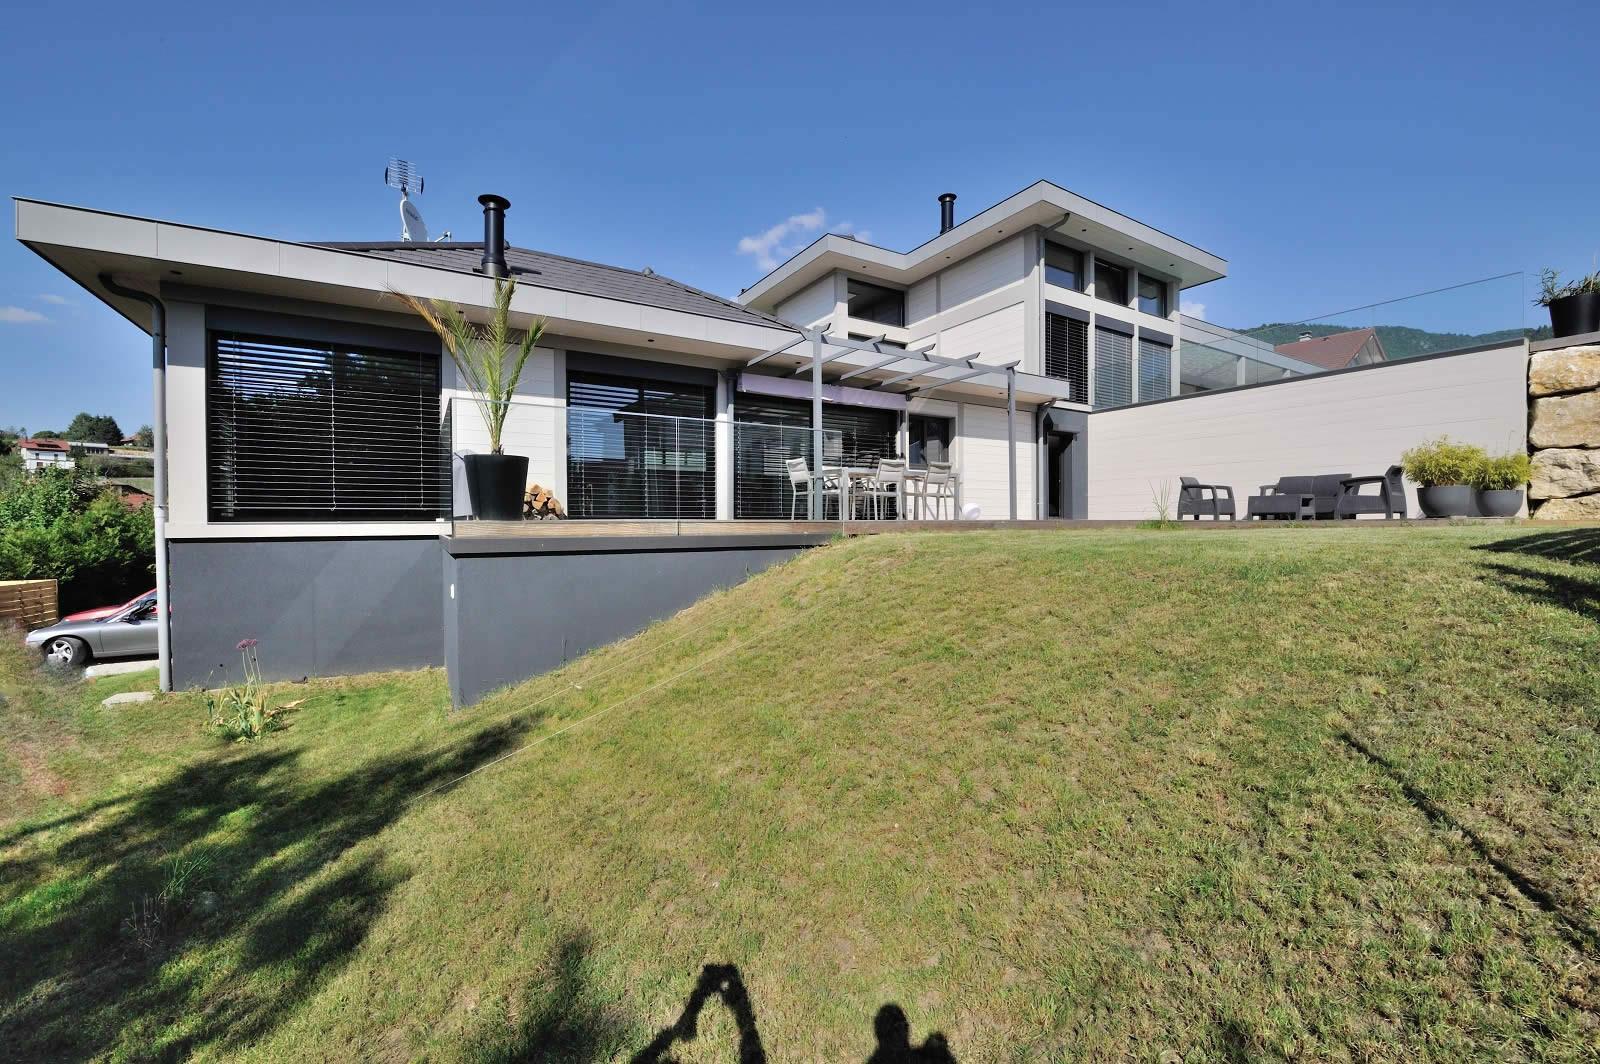 villa-contemporaine-a-vendre-salle-cinema-piscine-4-chambres